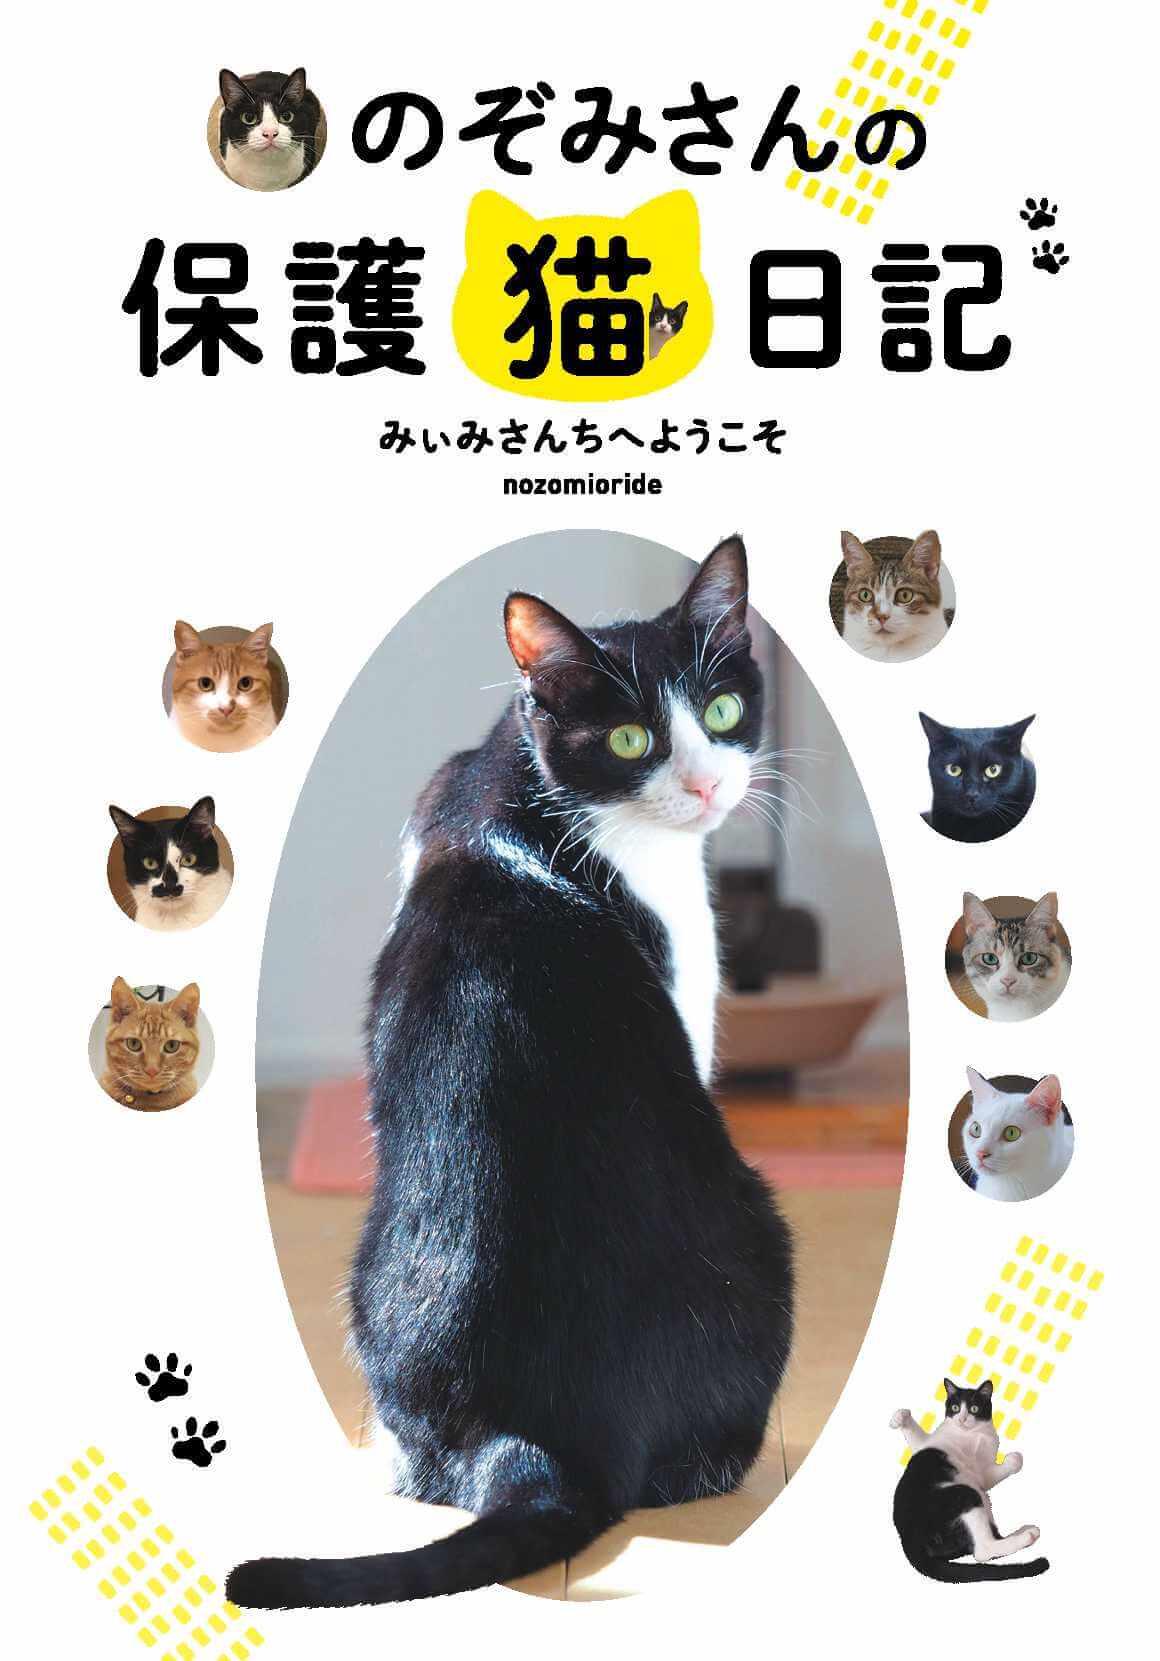 書籍「のぞみさんの保護猫日記」の表紙